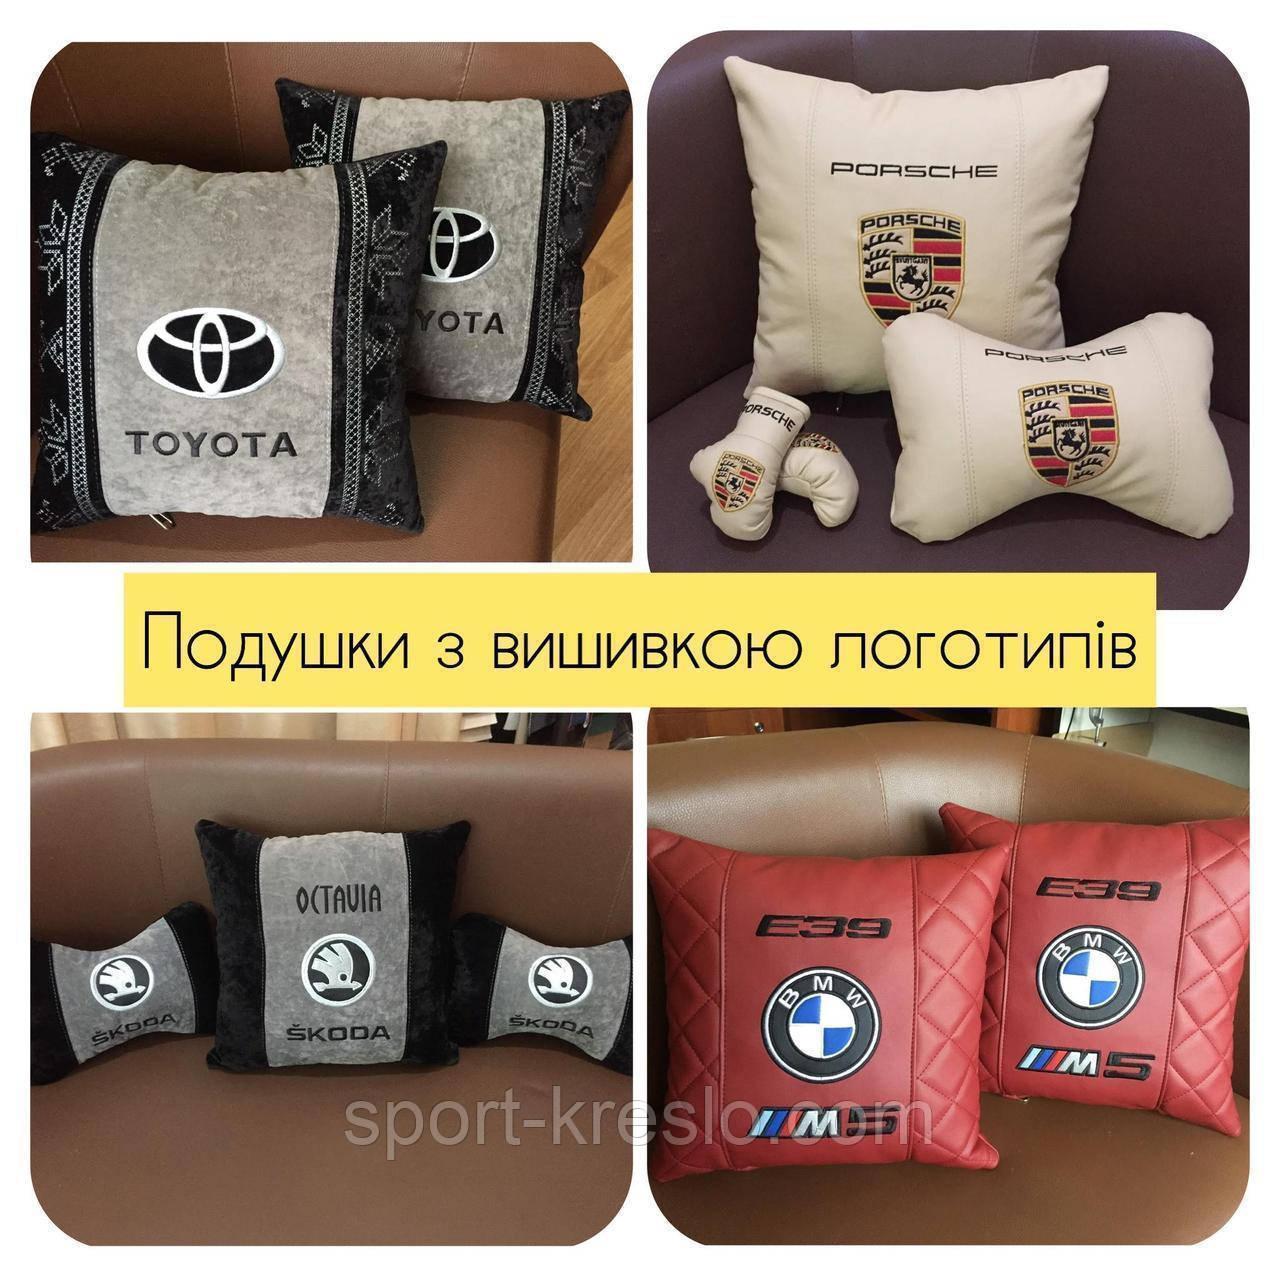 Автомобільні подушки з логотипом, держномером, подушки на підголовники